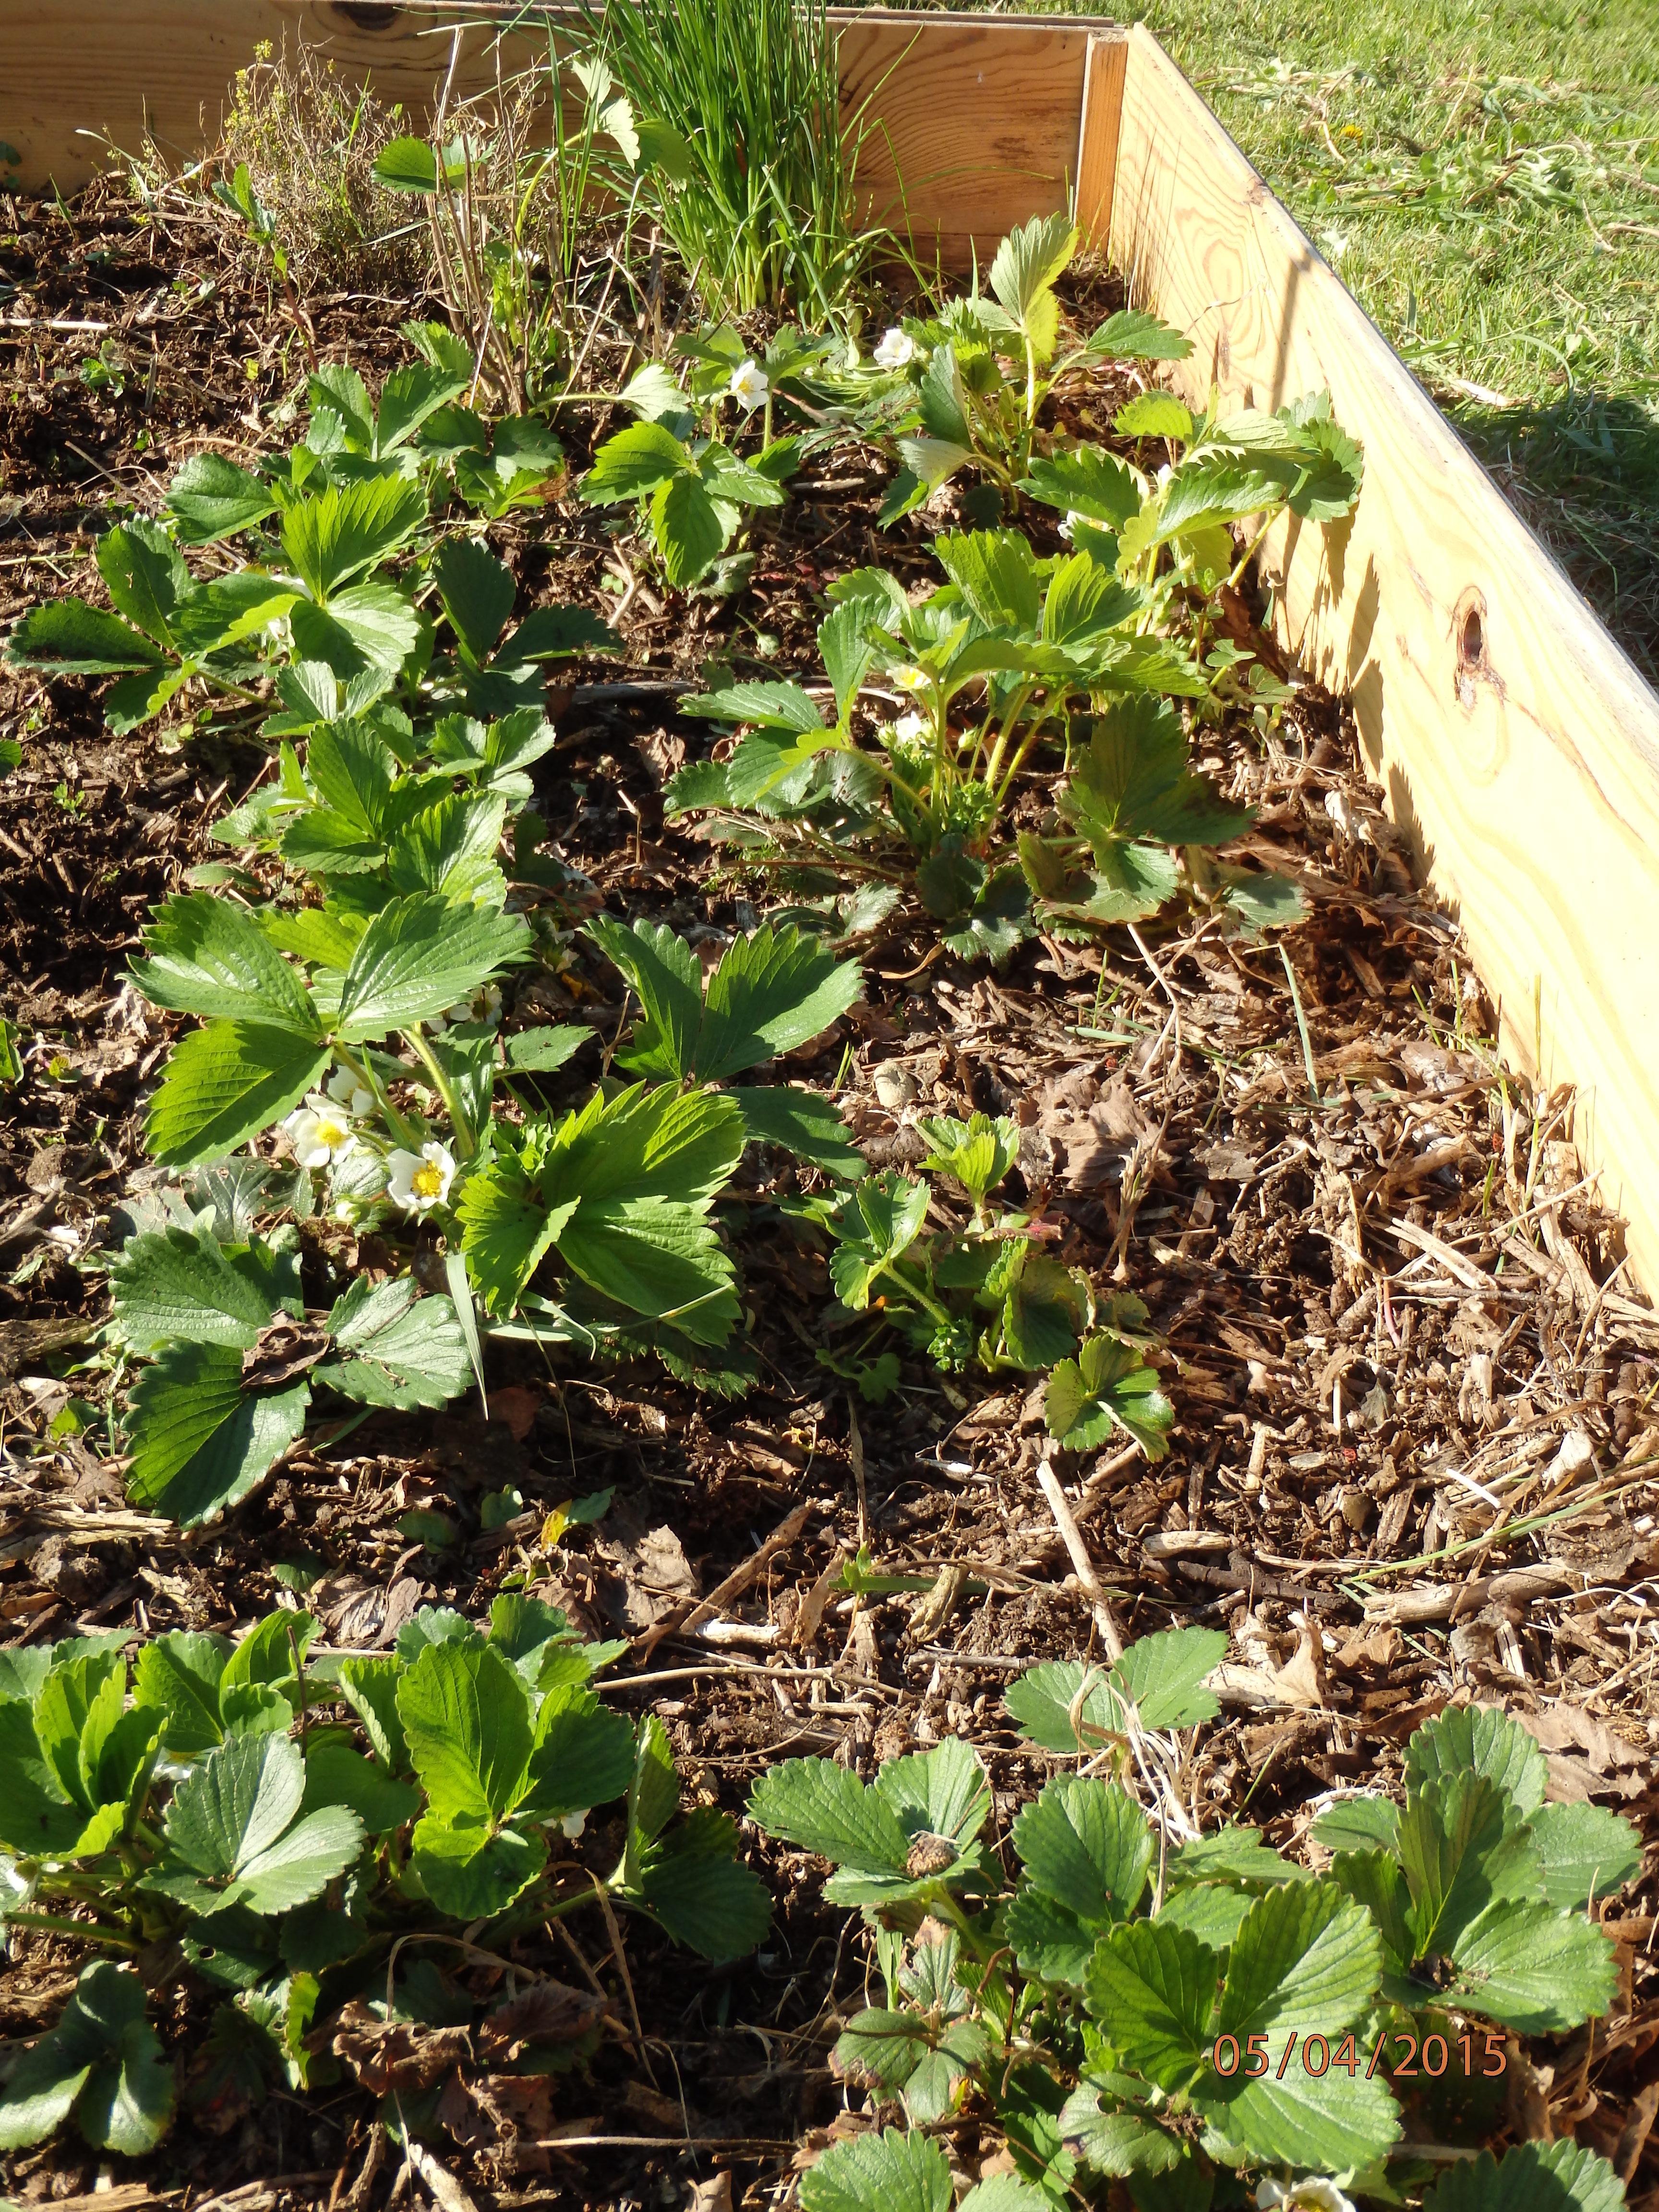 Mon propre jardin un beau potager sans entretien c 39 est for Jardin potager sans entretien